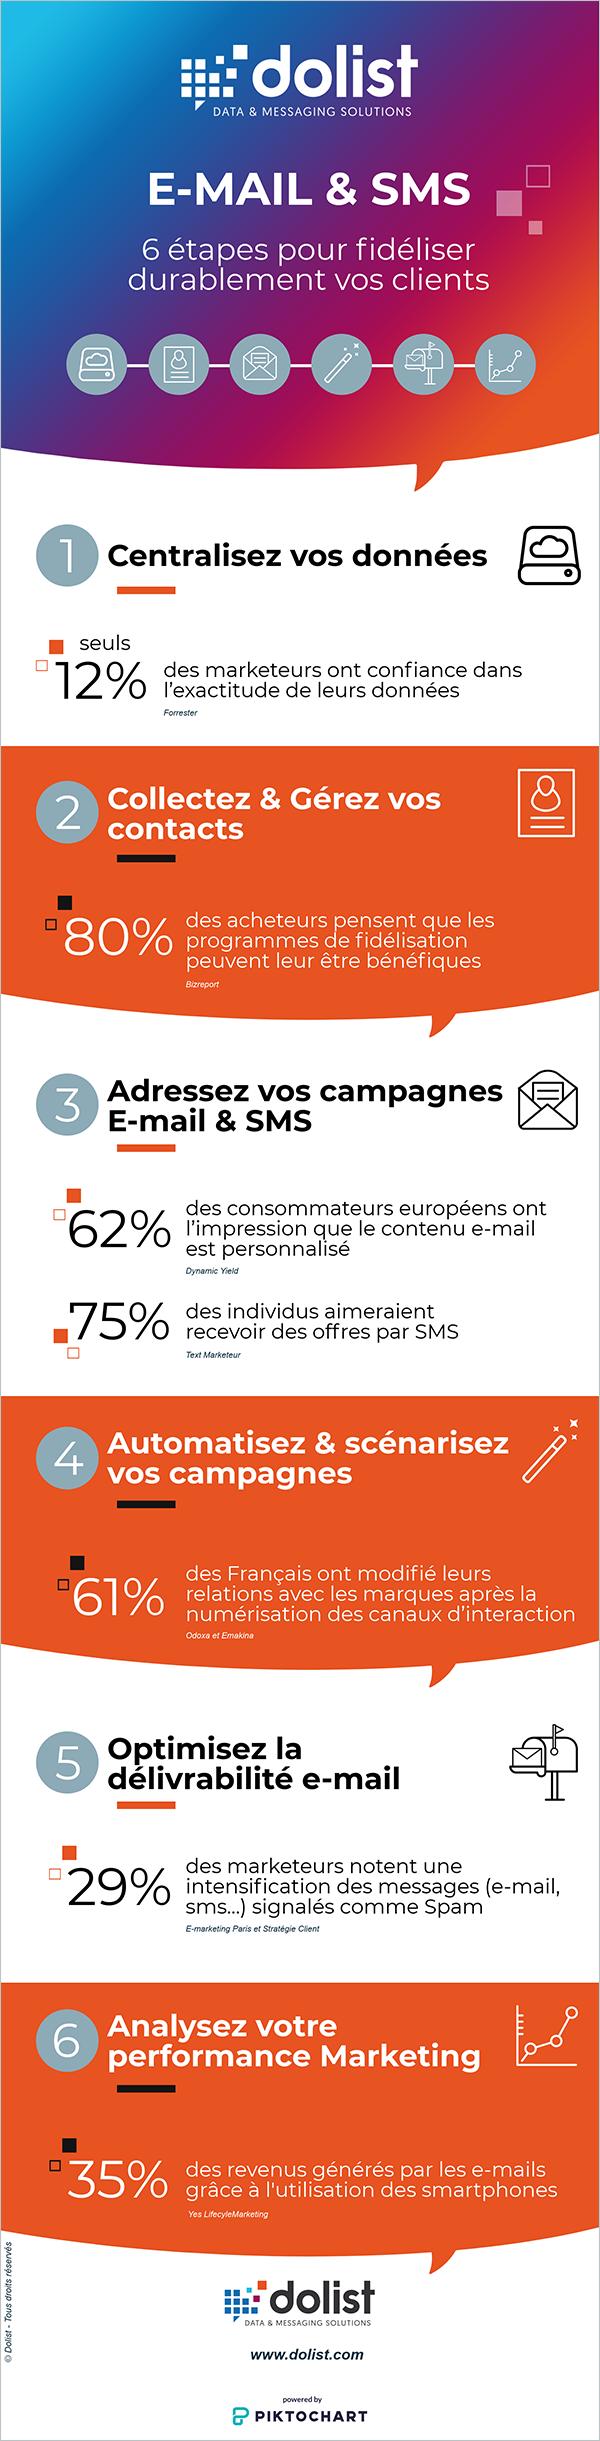 Infographie : 6 steps pour fidéliser vos clients grâce à l'e-mail marketing